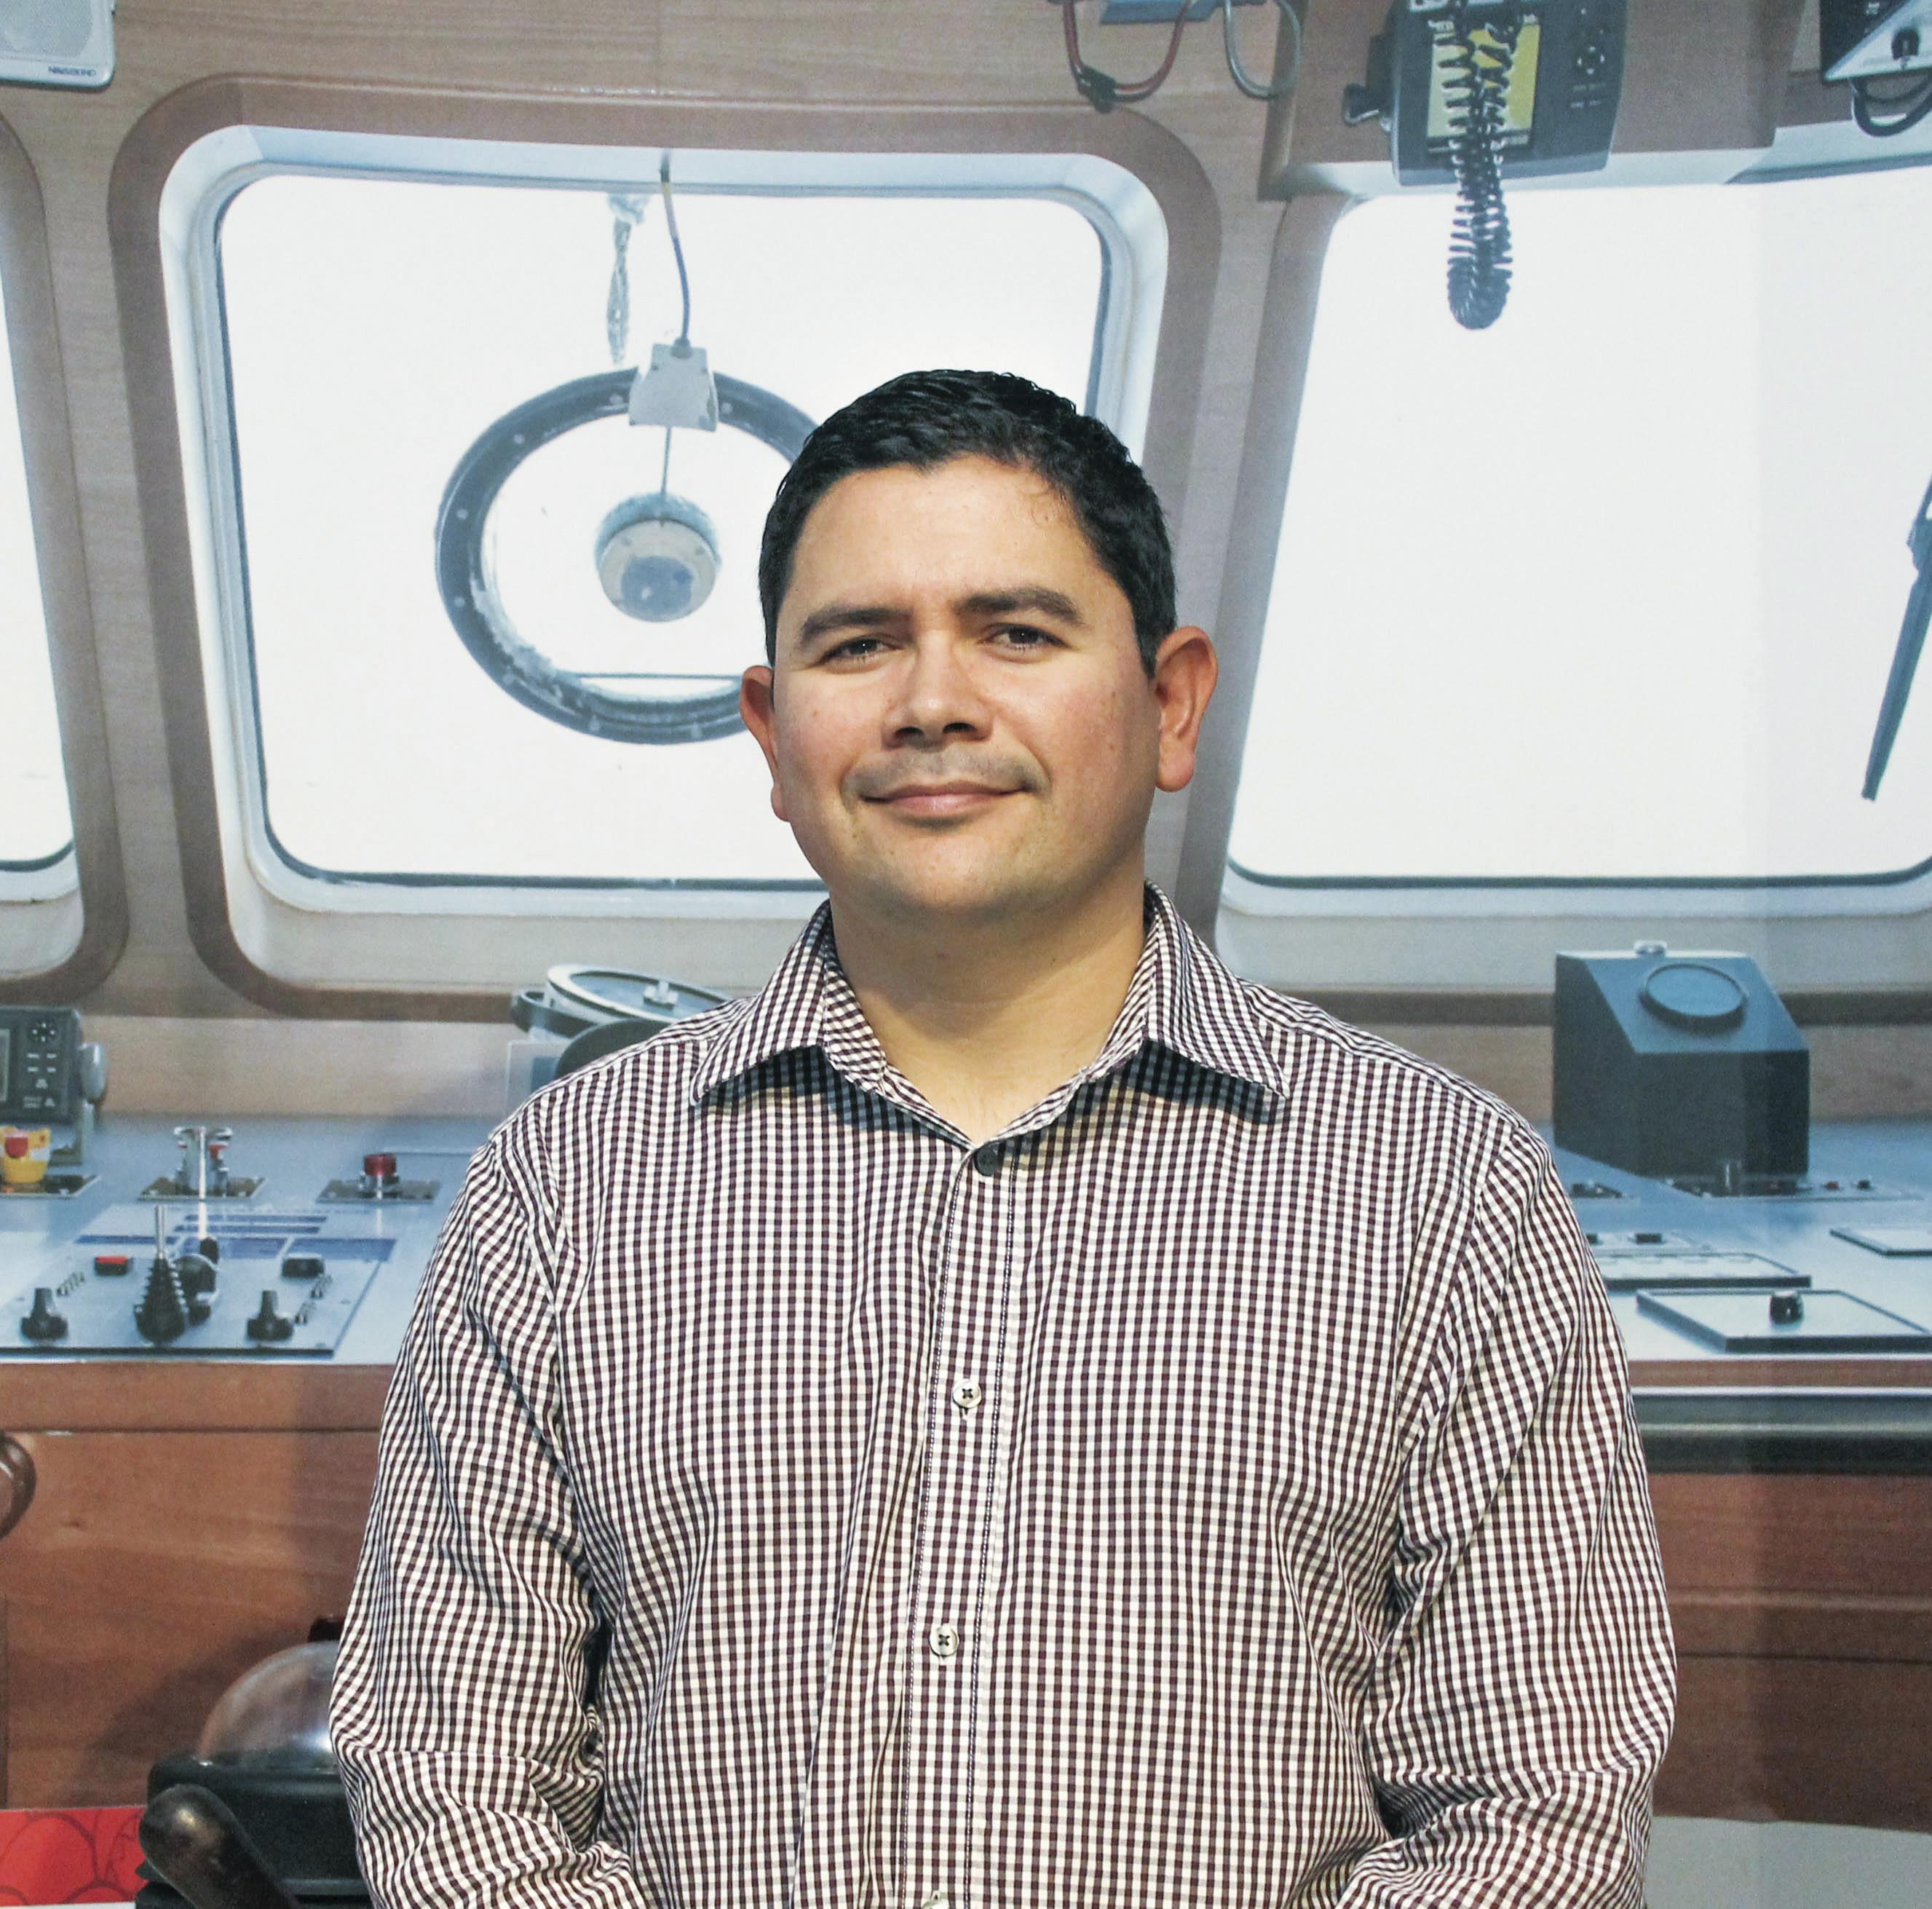 Francisco Fabián Ramos López